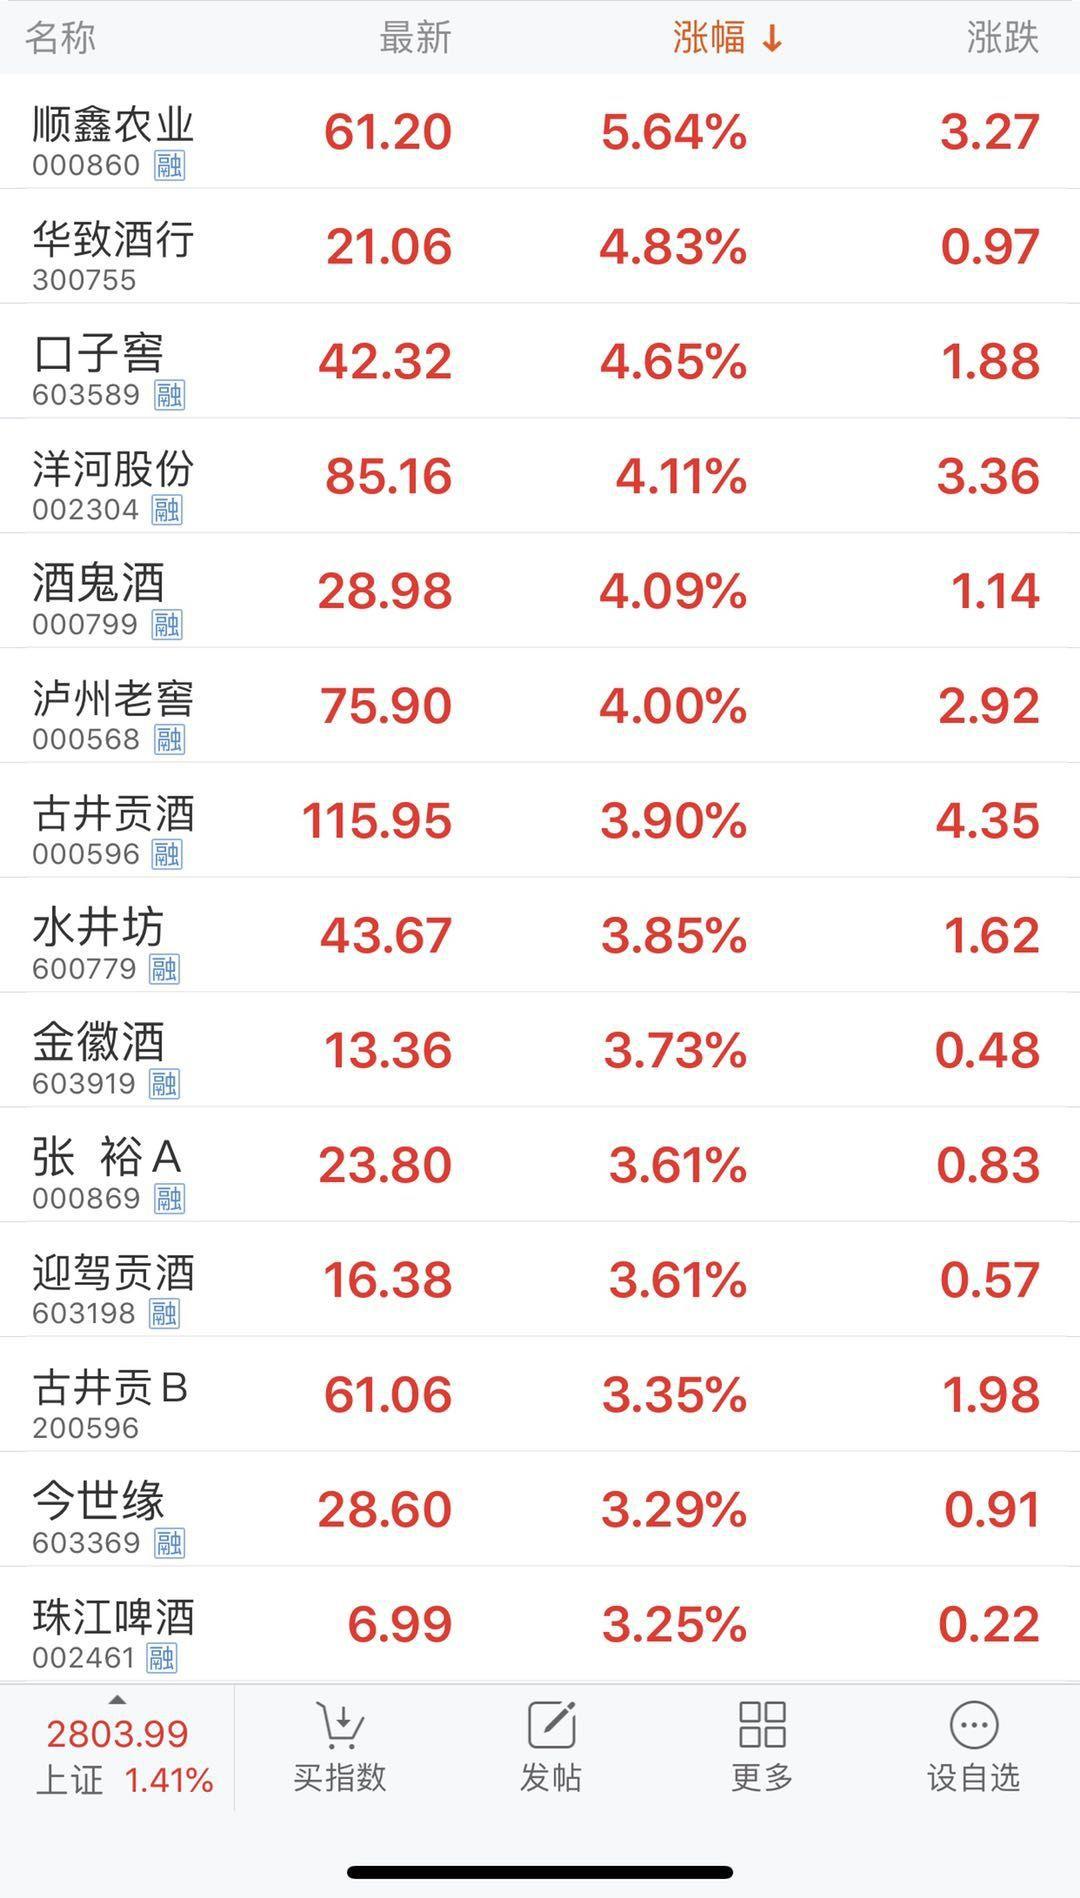 珠江啤酒 东方财富_内需消费前景看好 酿酒板块连涨4日 _ 东方财富网